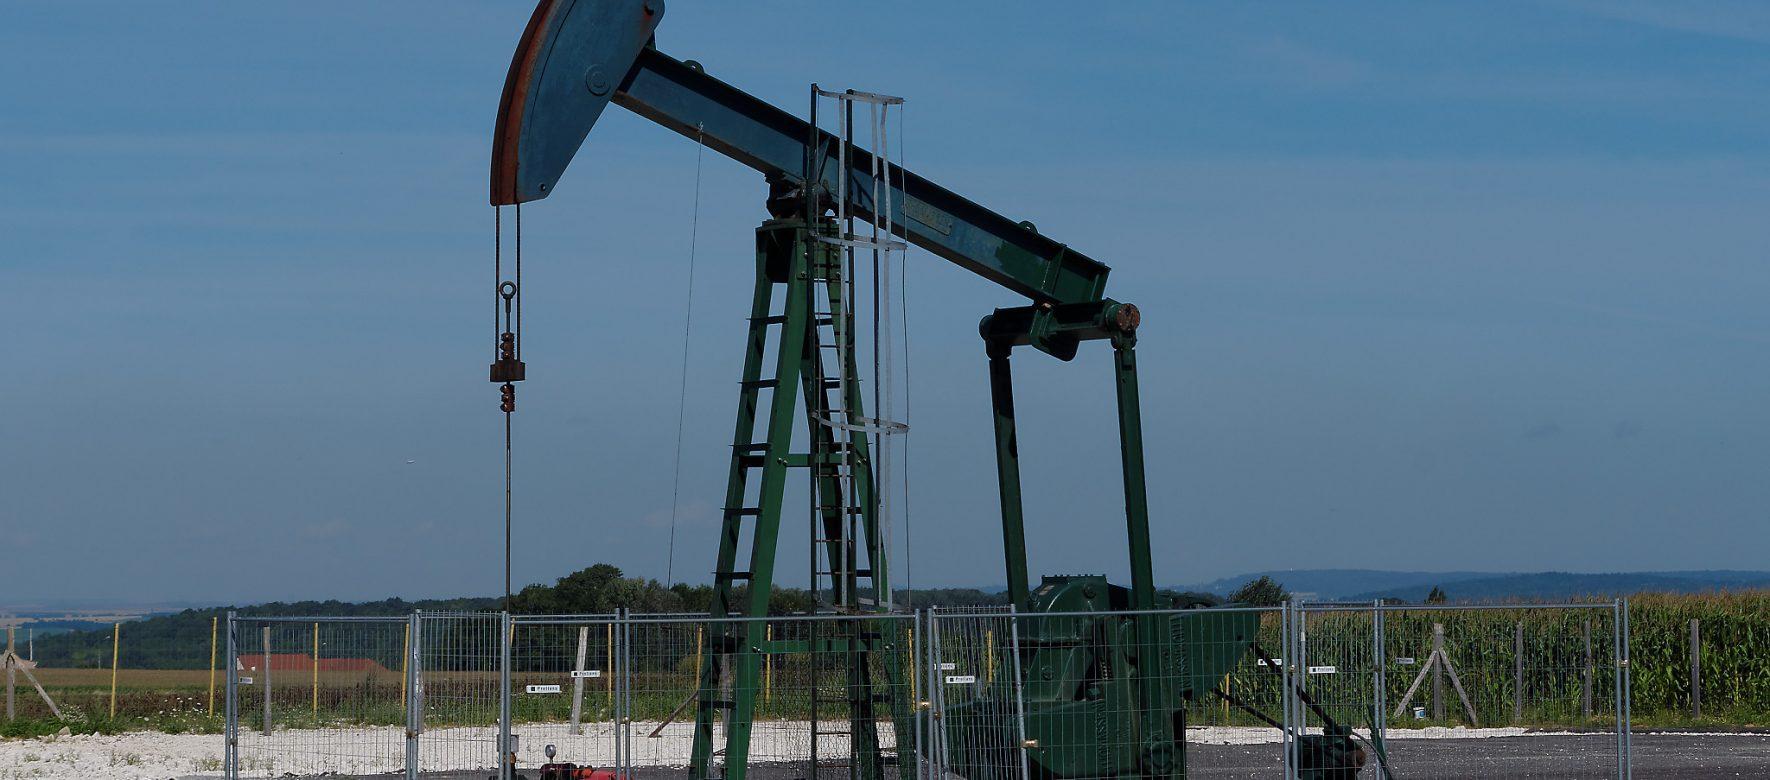 Libye : Le patron de la Société publique du pétrole NOC reste finalement en poste